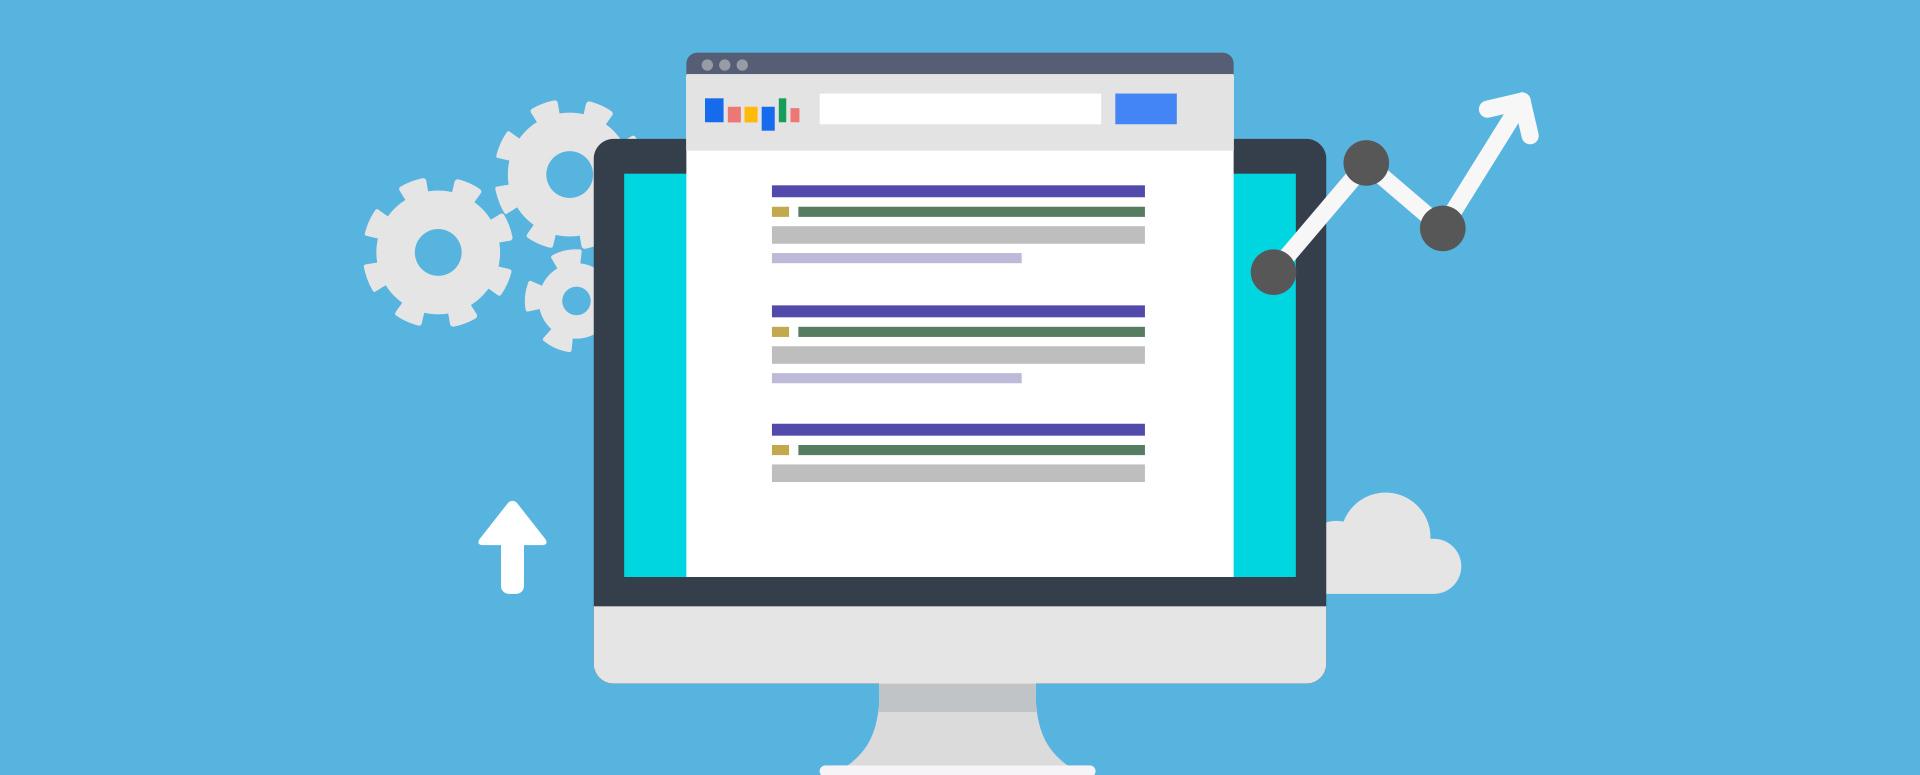 Diversity Update - maksymalnie dwa wyniki dla jednej witryny w wynikach wyszukiwania Google